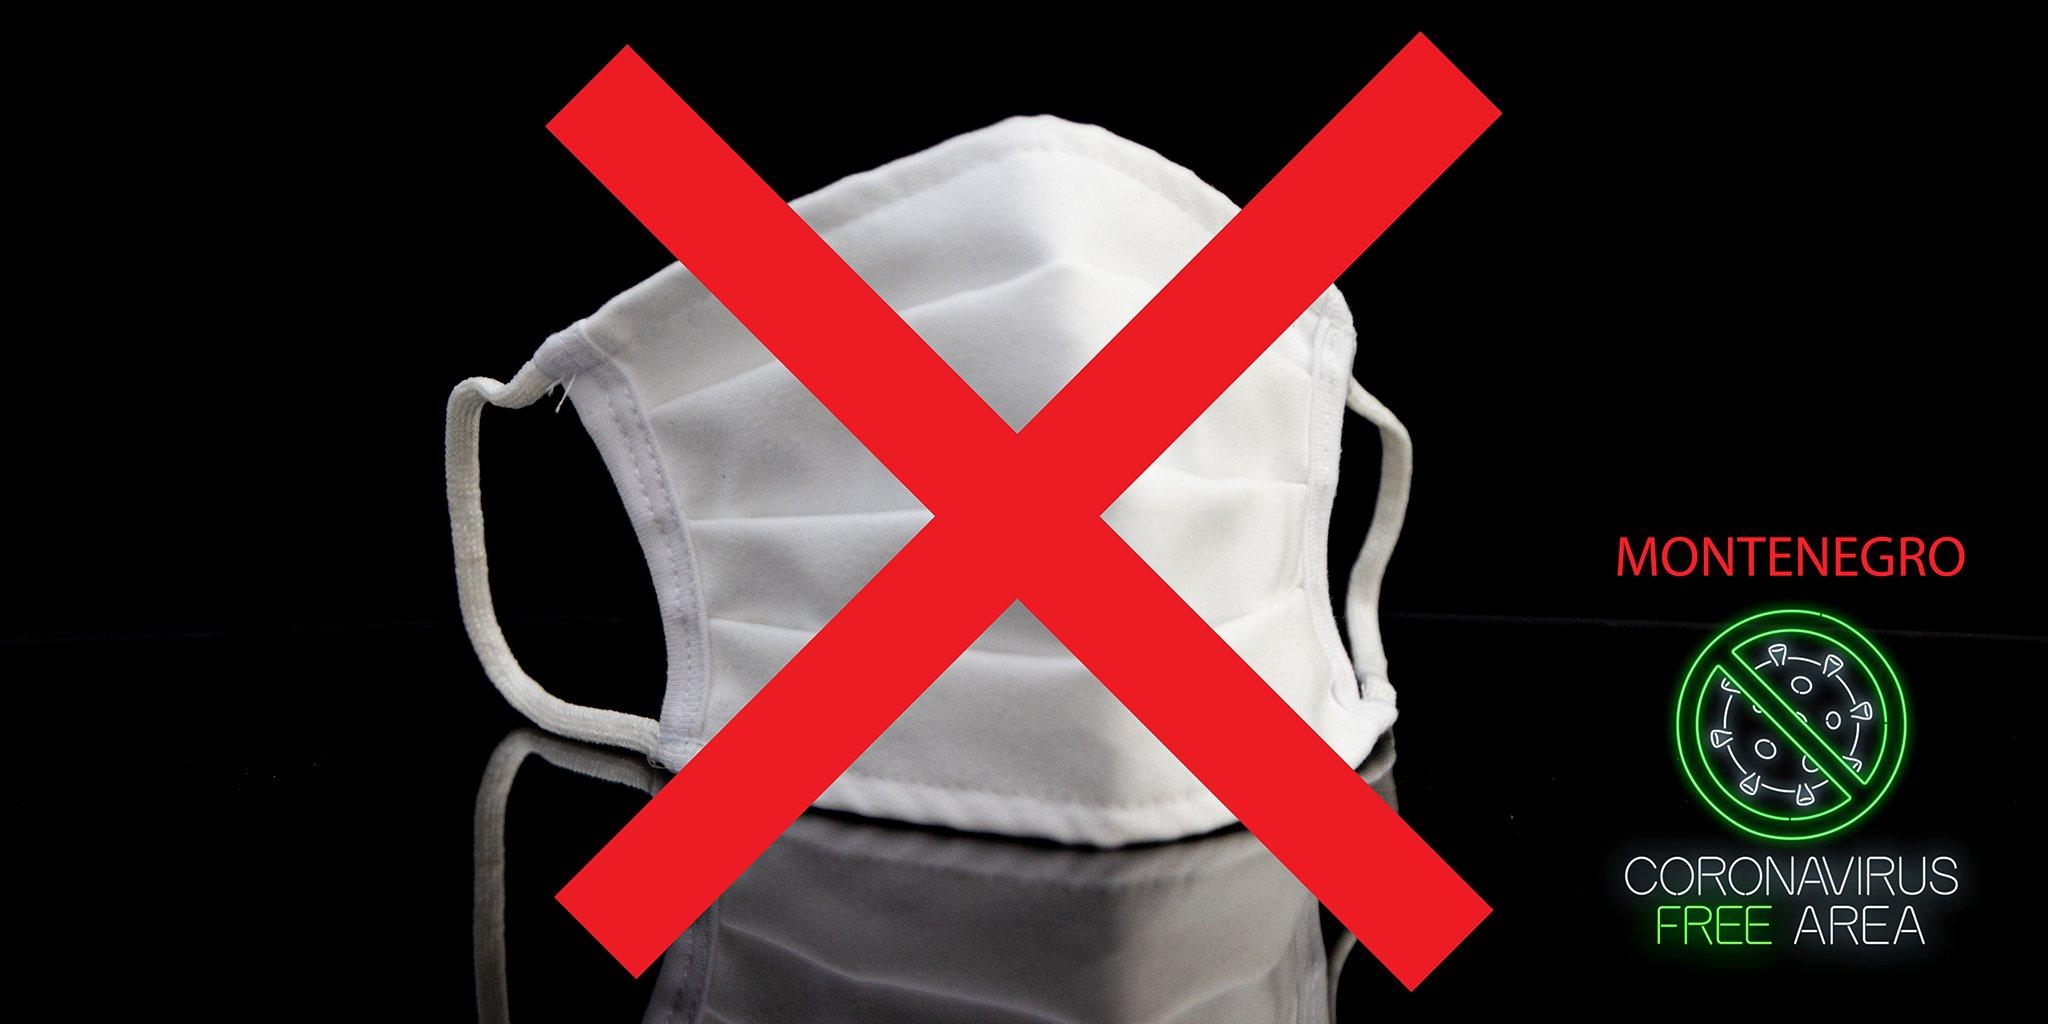 Maske više nijesu obavezne svuda, evo koje još mjere prestaju da važe